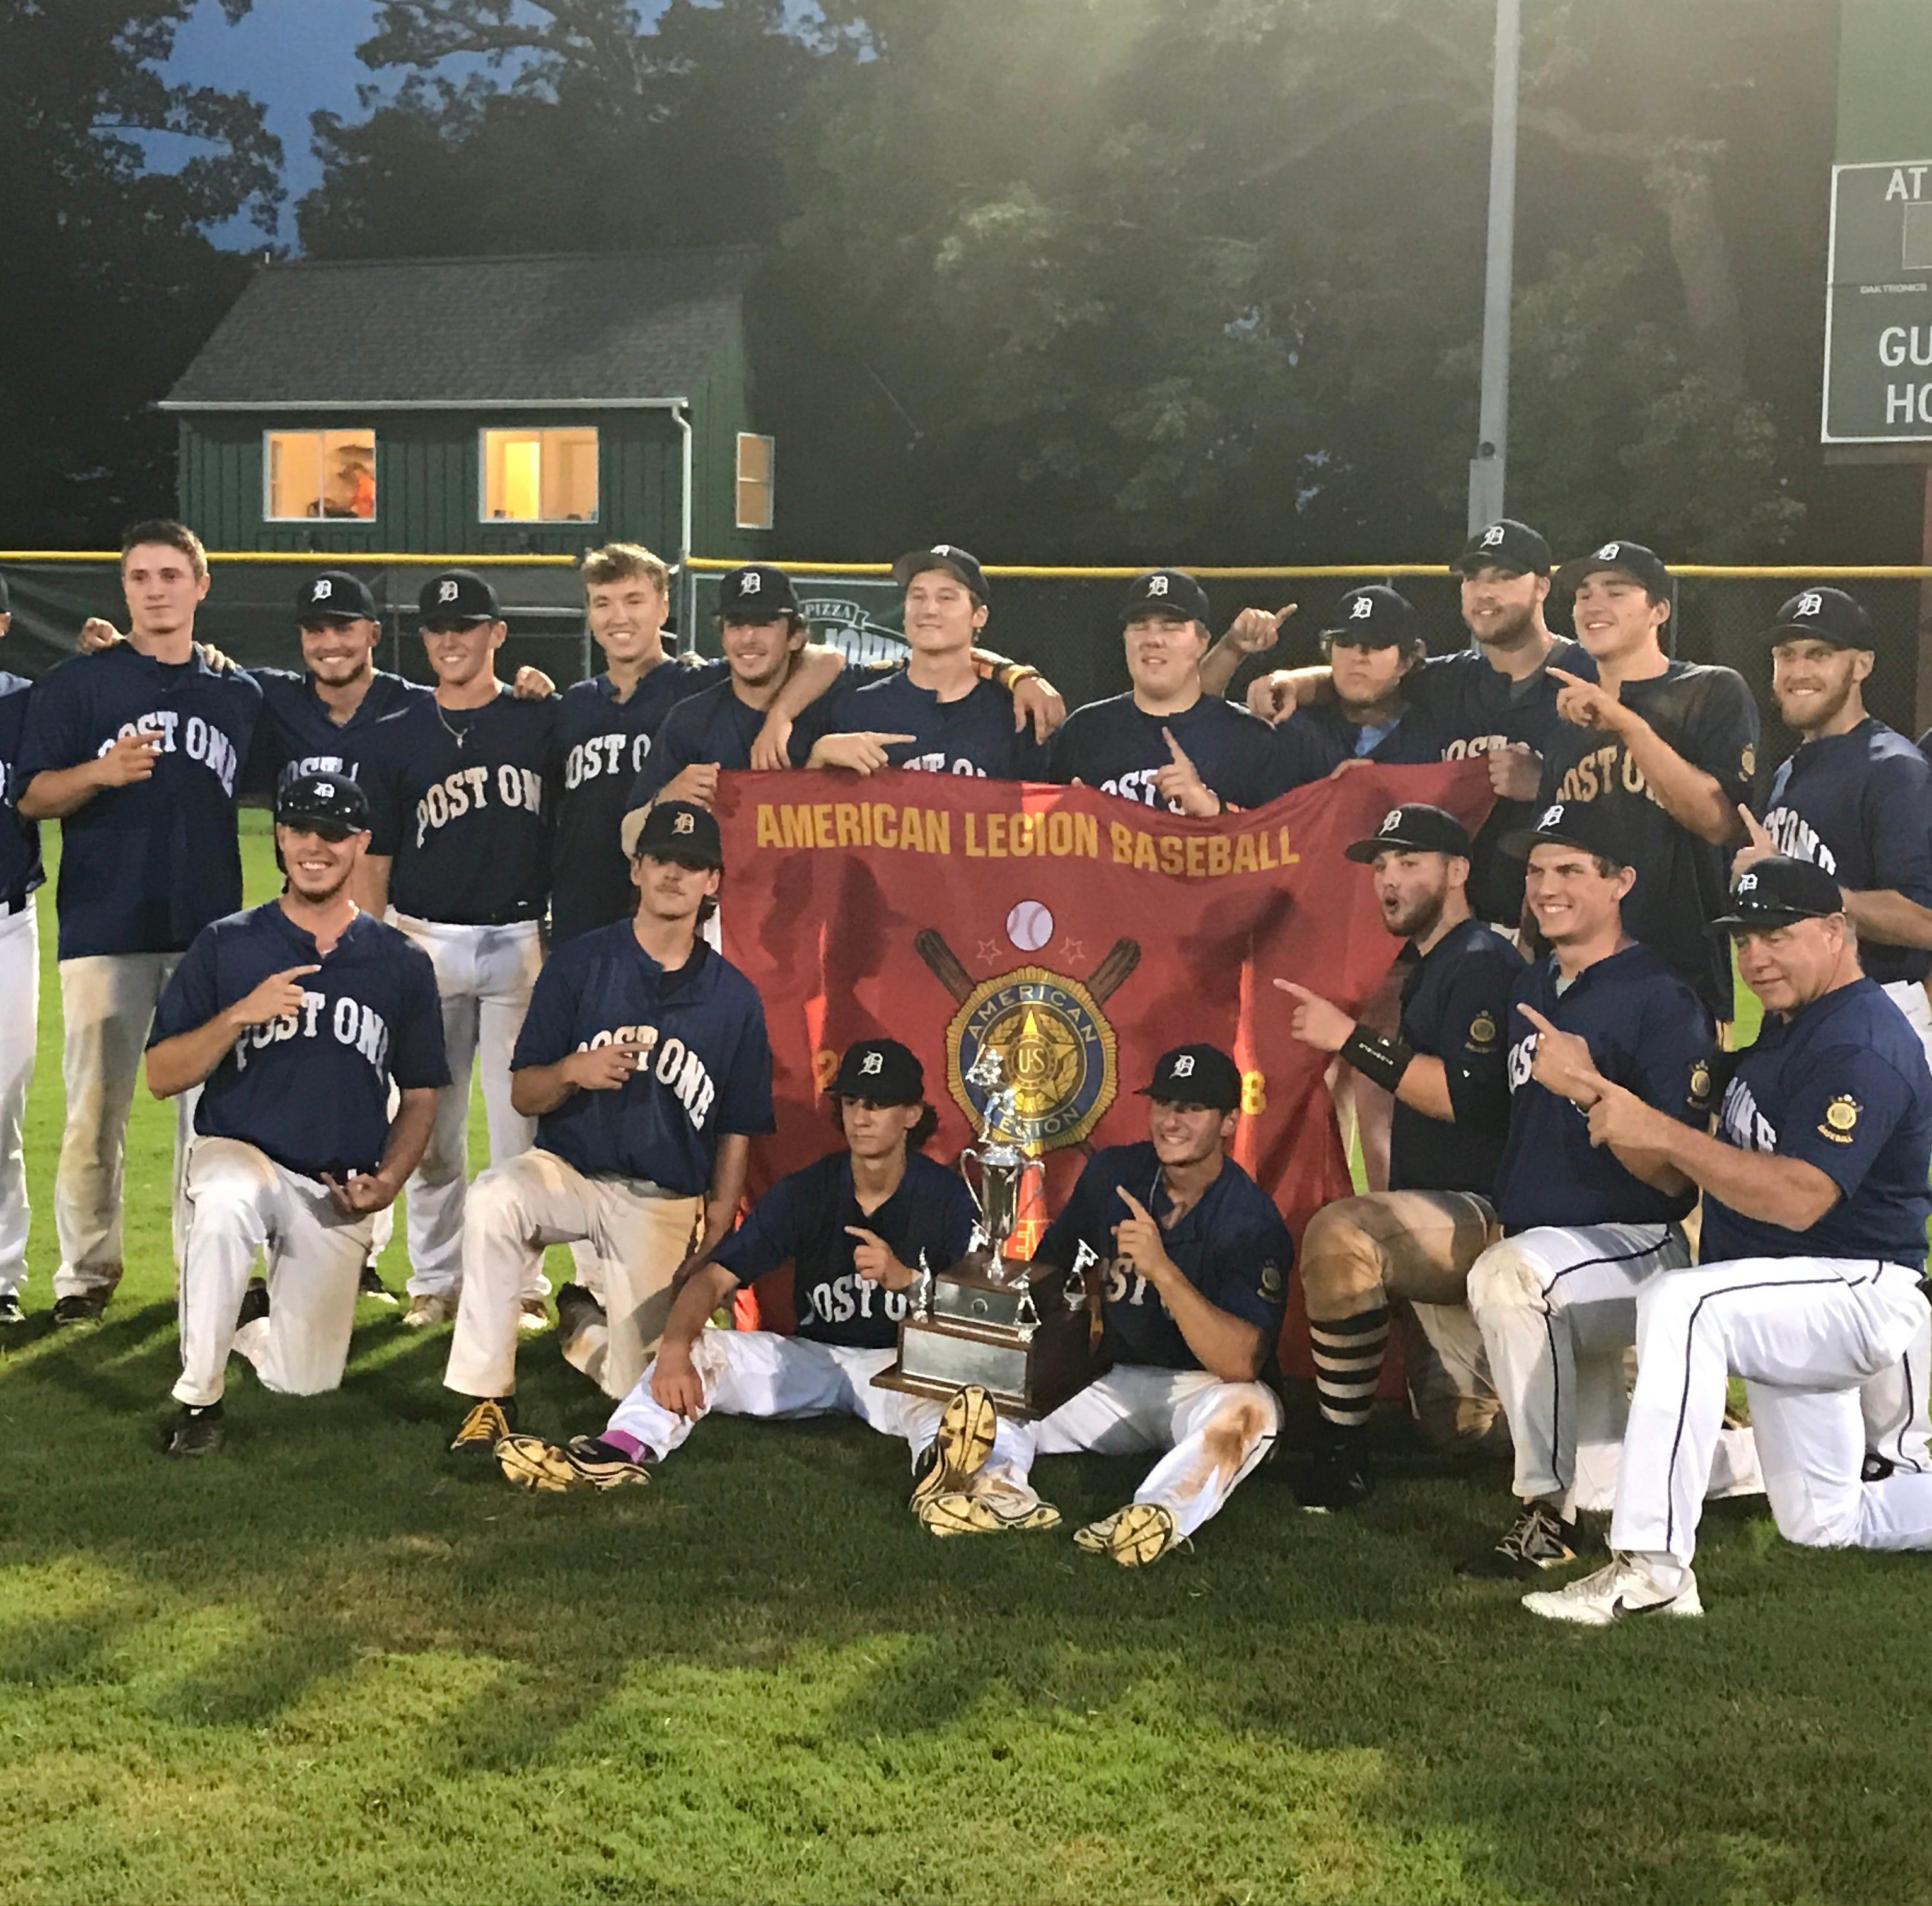 Delaware champs win Mid-Atlantic title, reach American Legion World Series